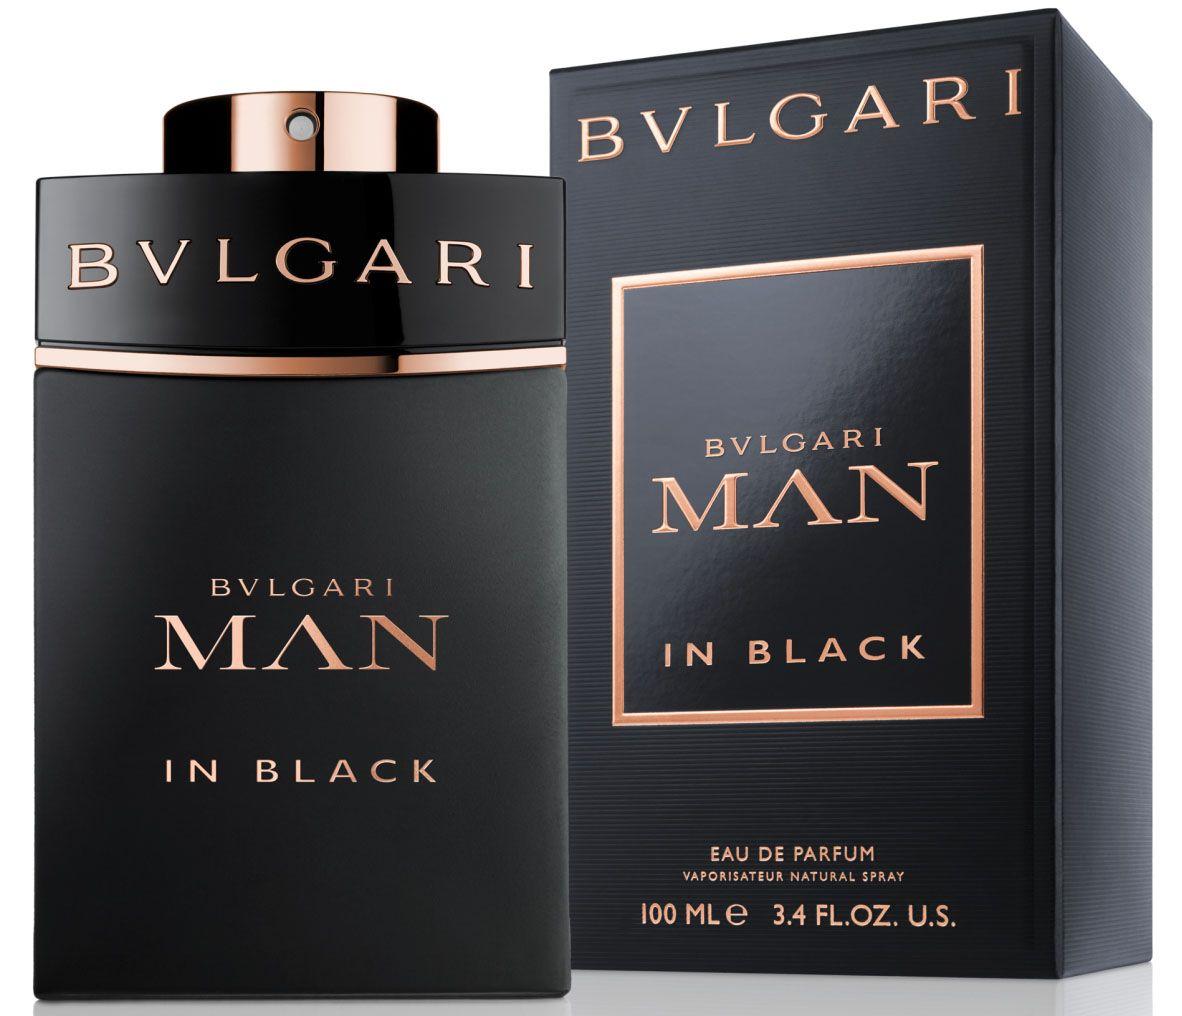 Bvlgari Man In Black Парфюмерная вода 100 мл